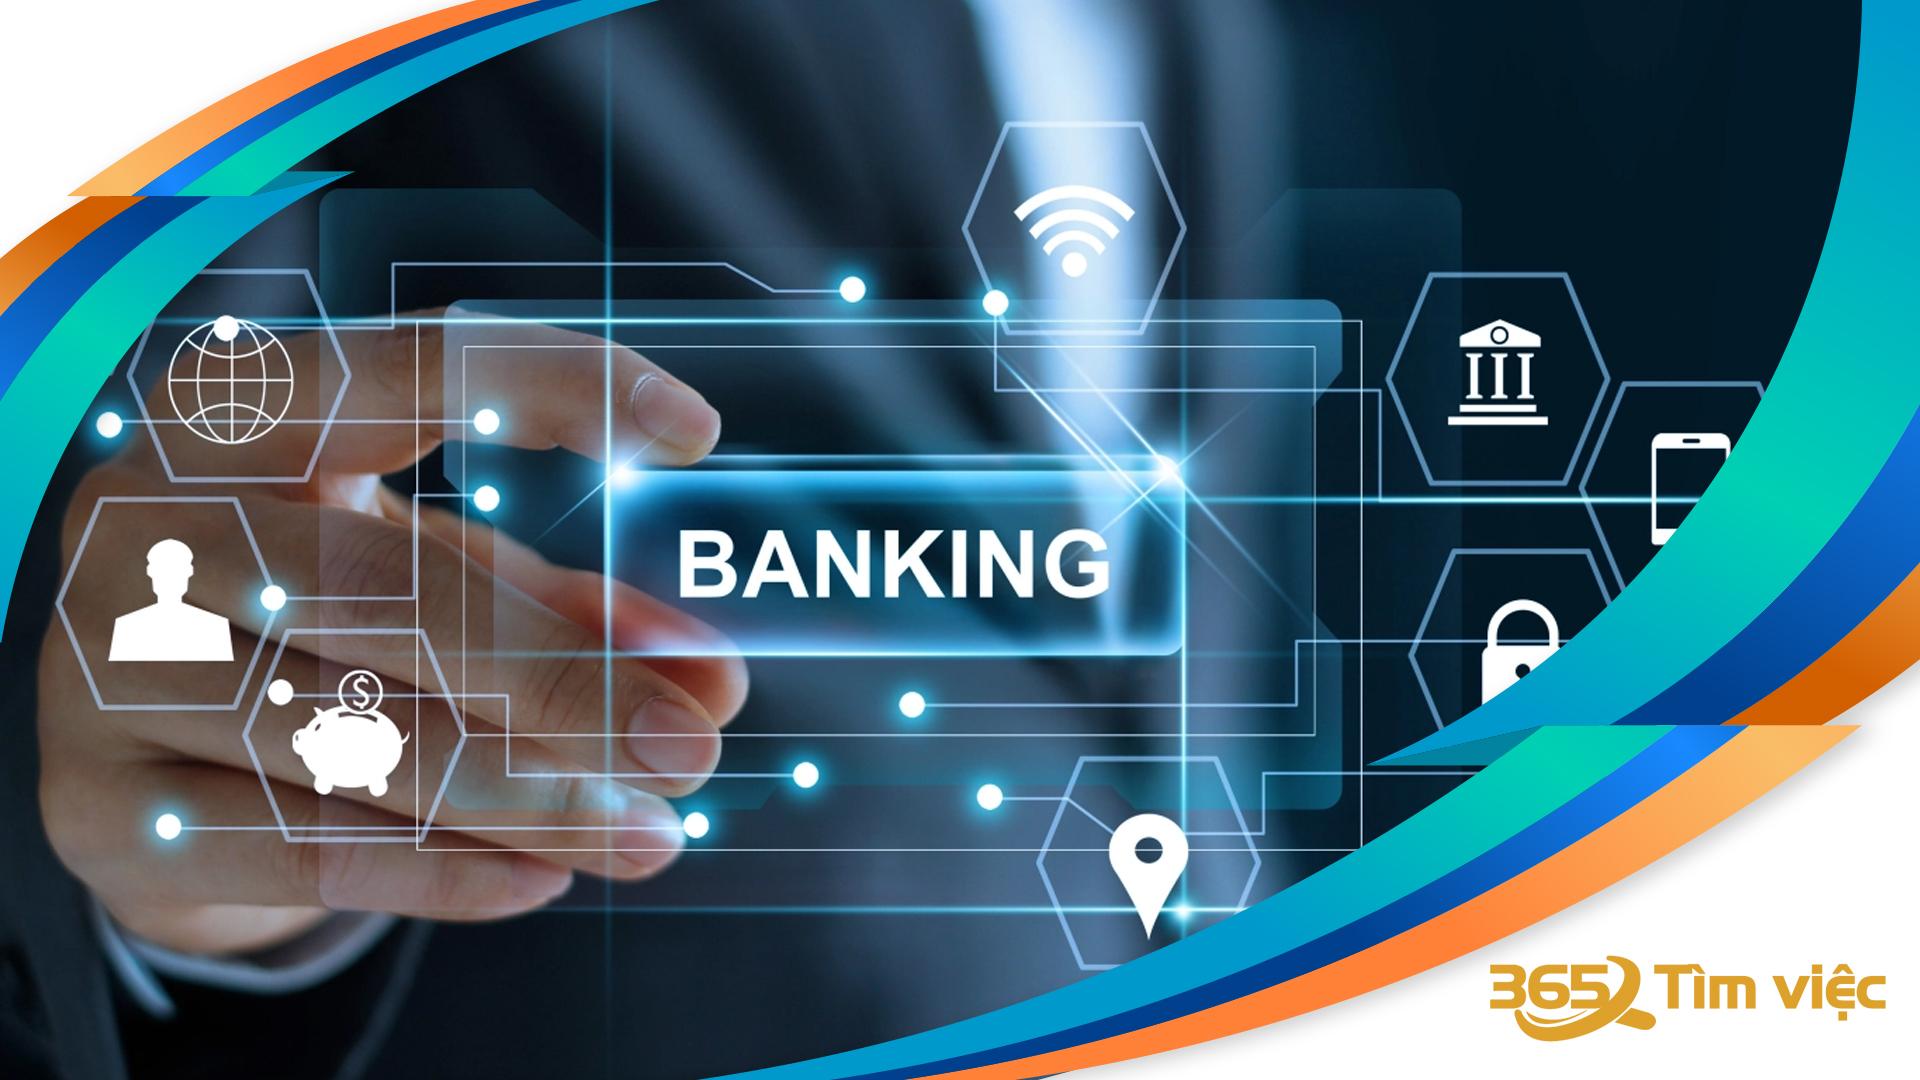 Cách trình bày CV Vietcombank - phiếu dự tuyển phần nội dung chính